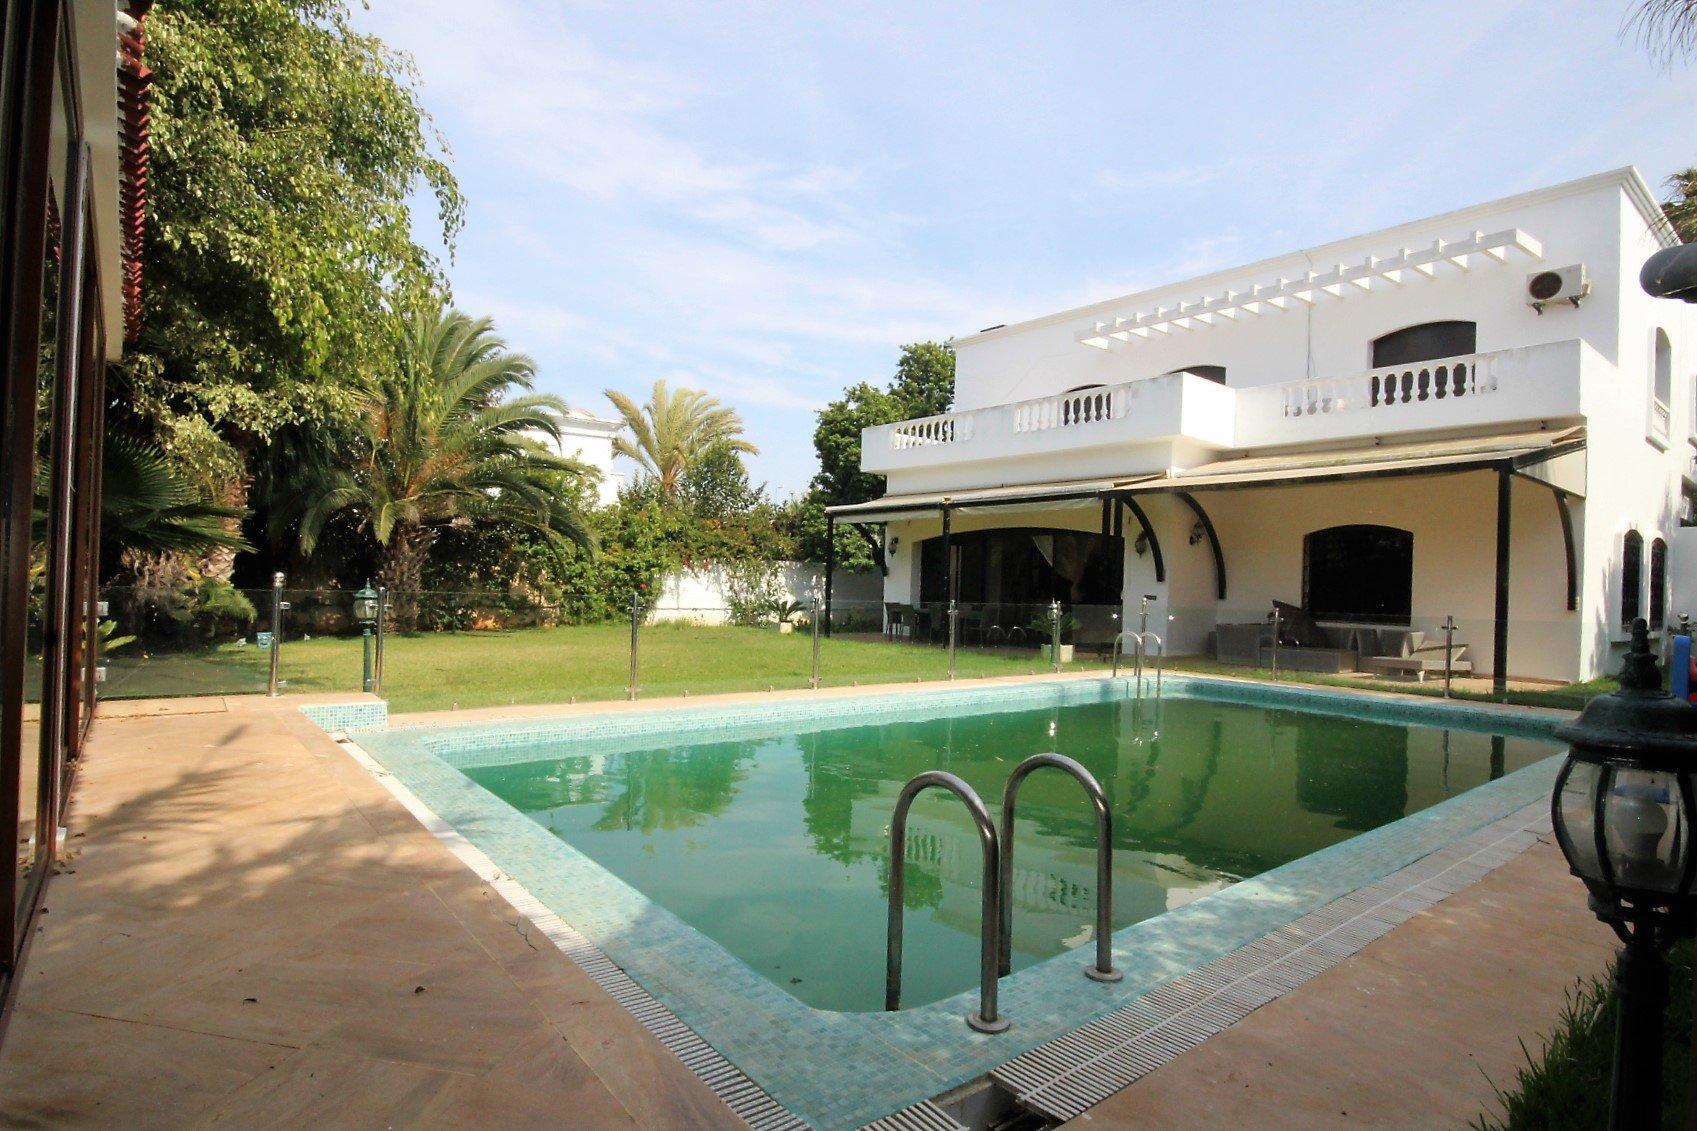 Maroc, Casablanca, Californie, à deux pas de l'école américaine, à louer vaste villa (500 m² habitable) tout confort avec piscine